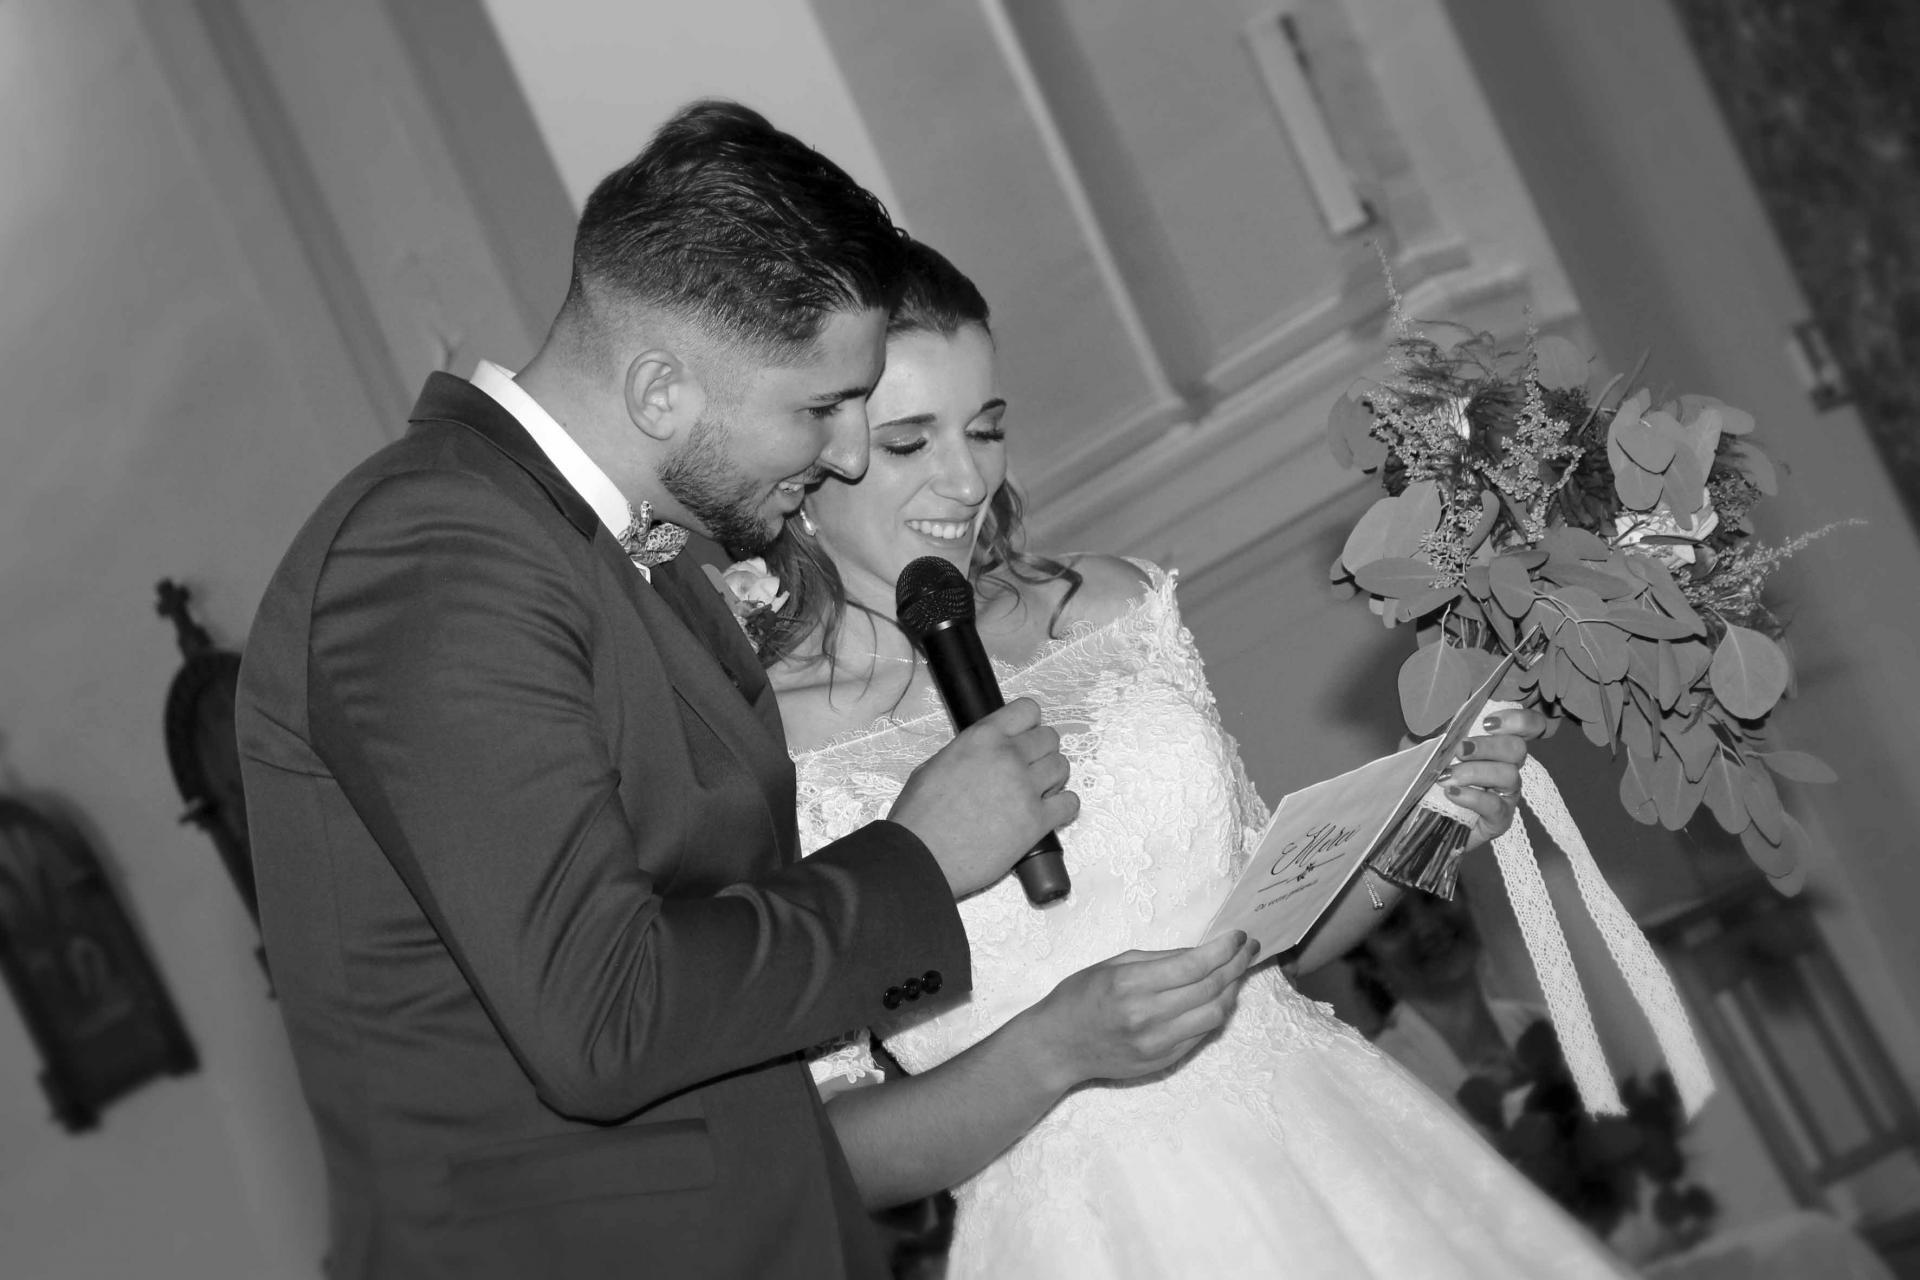 L'album du mariage d'Abigaïl et Lucas est en ligne